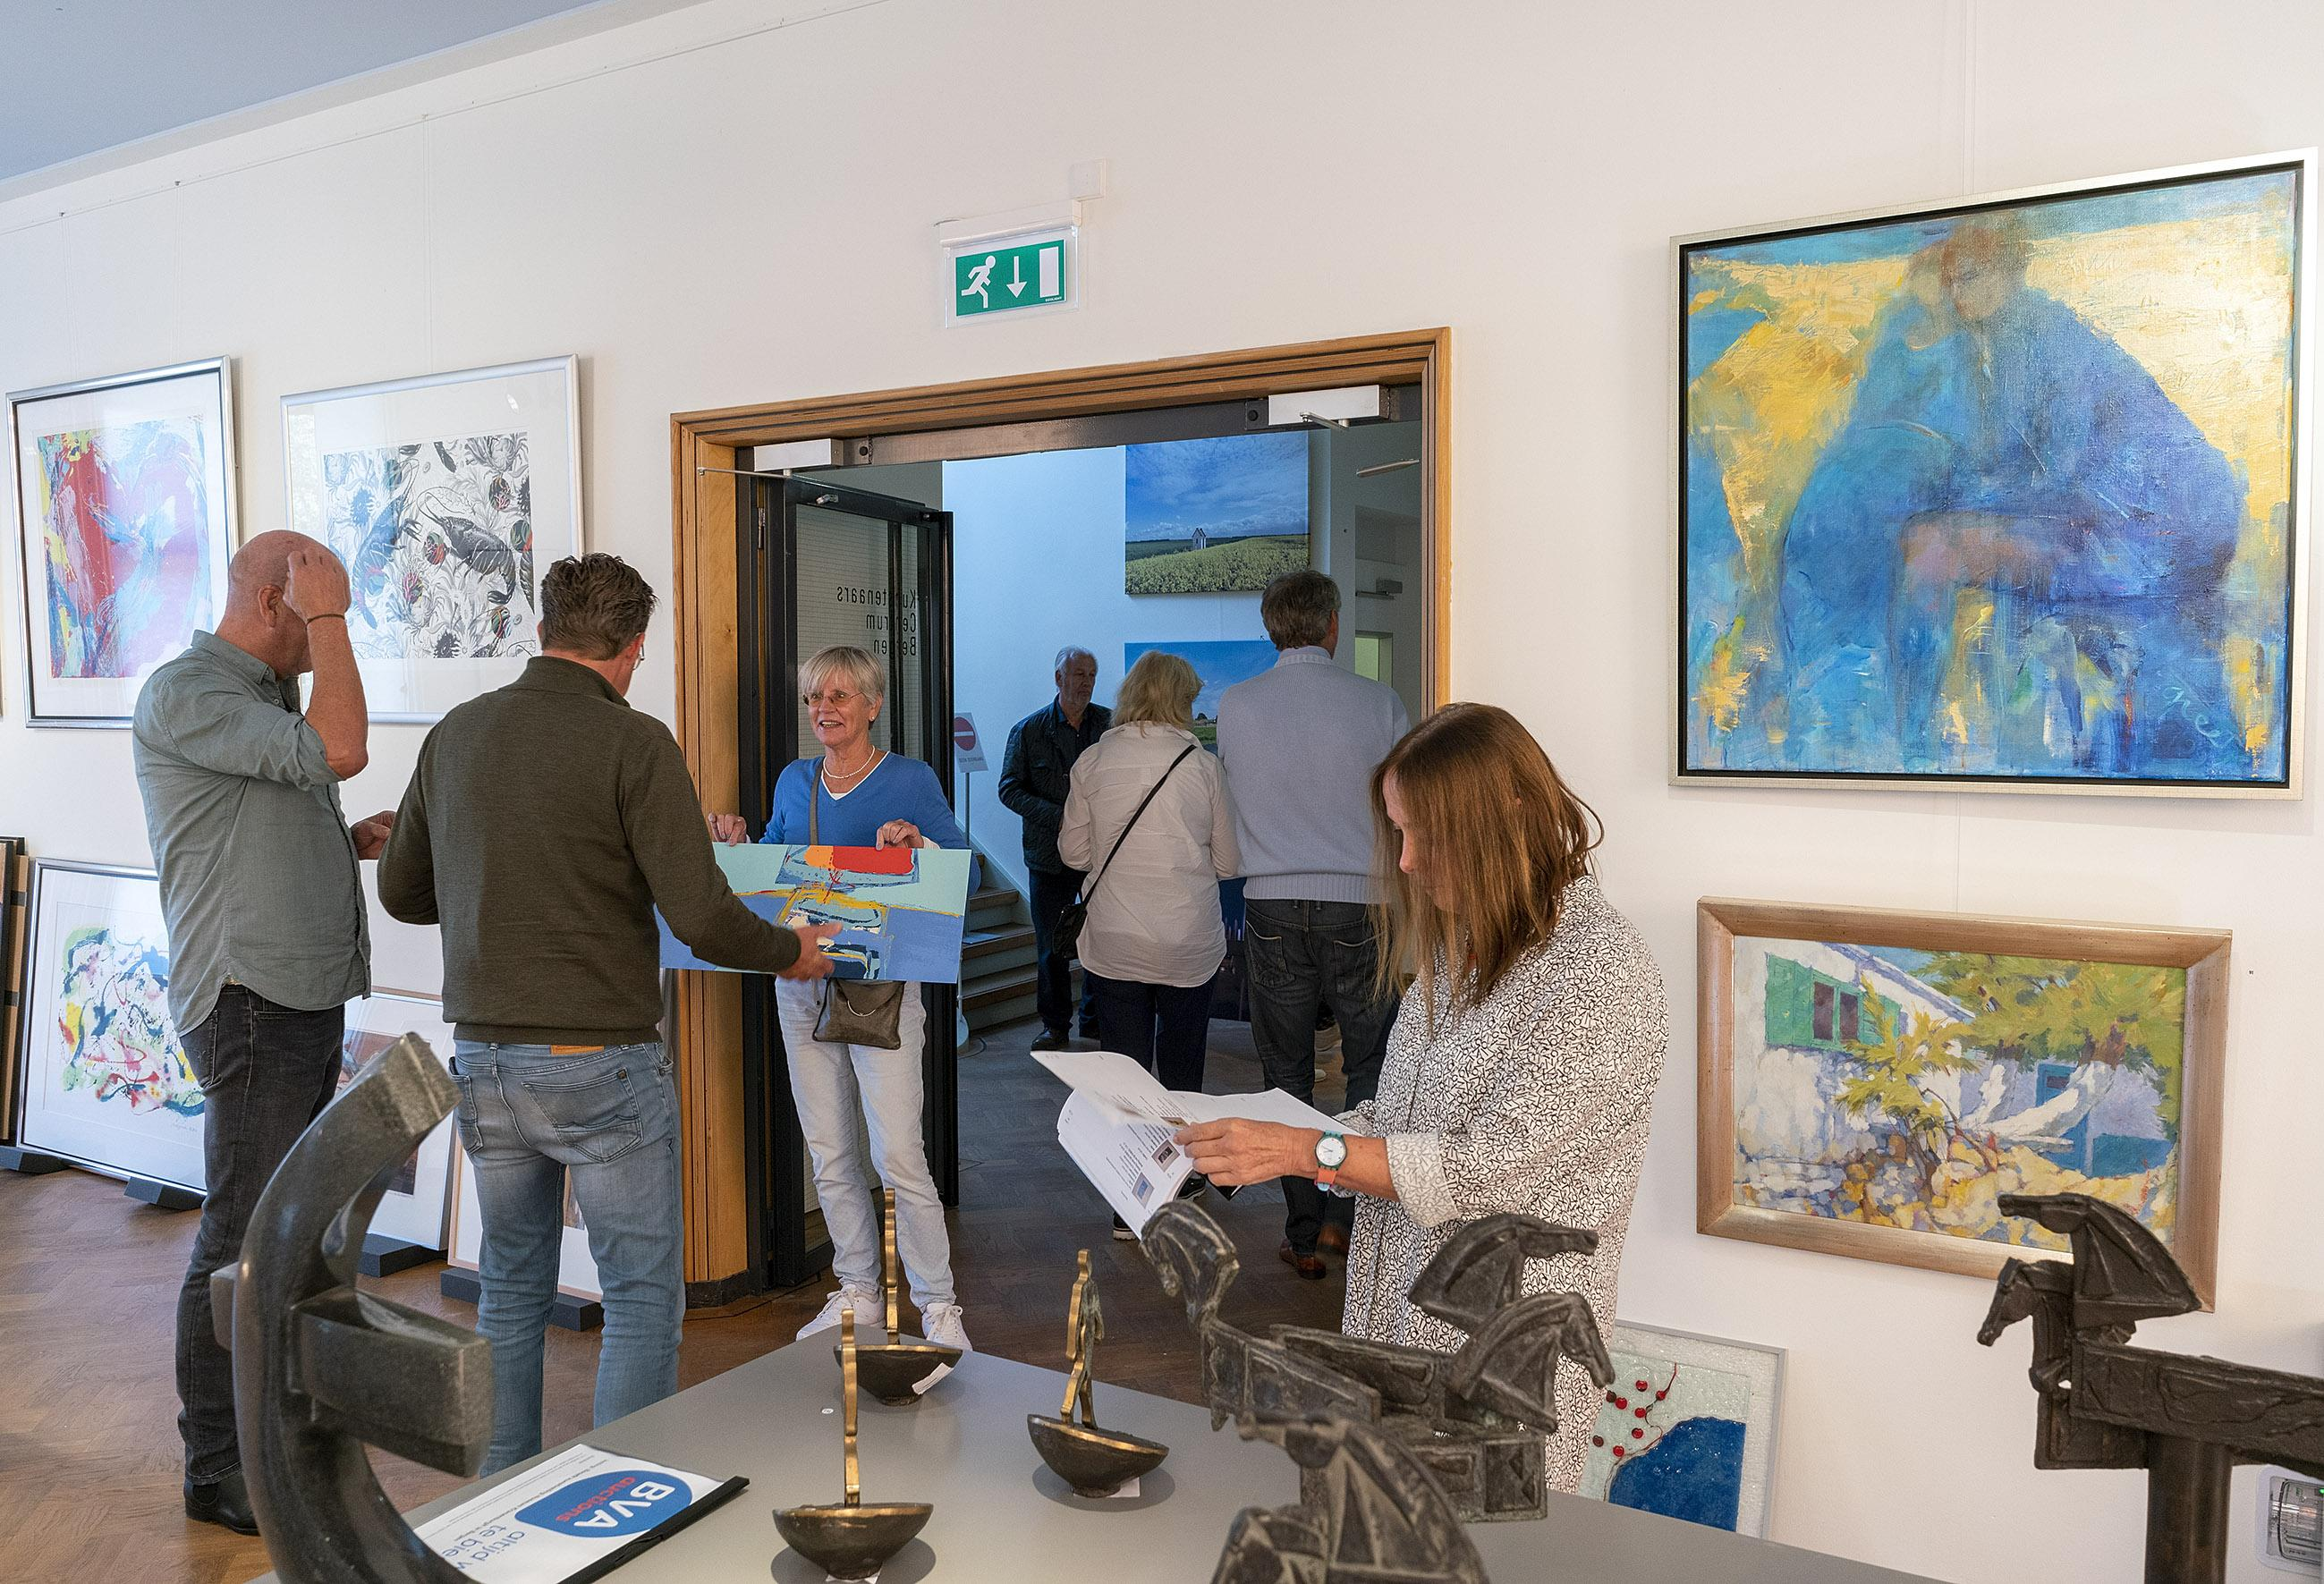 Kijkdag museum Kranenburgh in Bergen voor veiling kunst Rabobank: 'Veilingen maken hebberig'